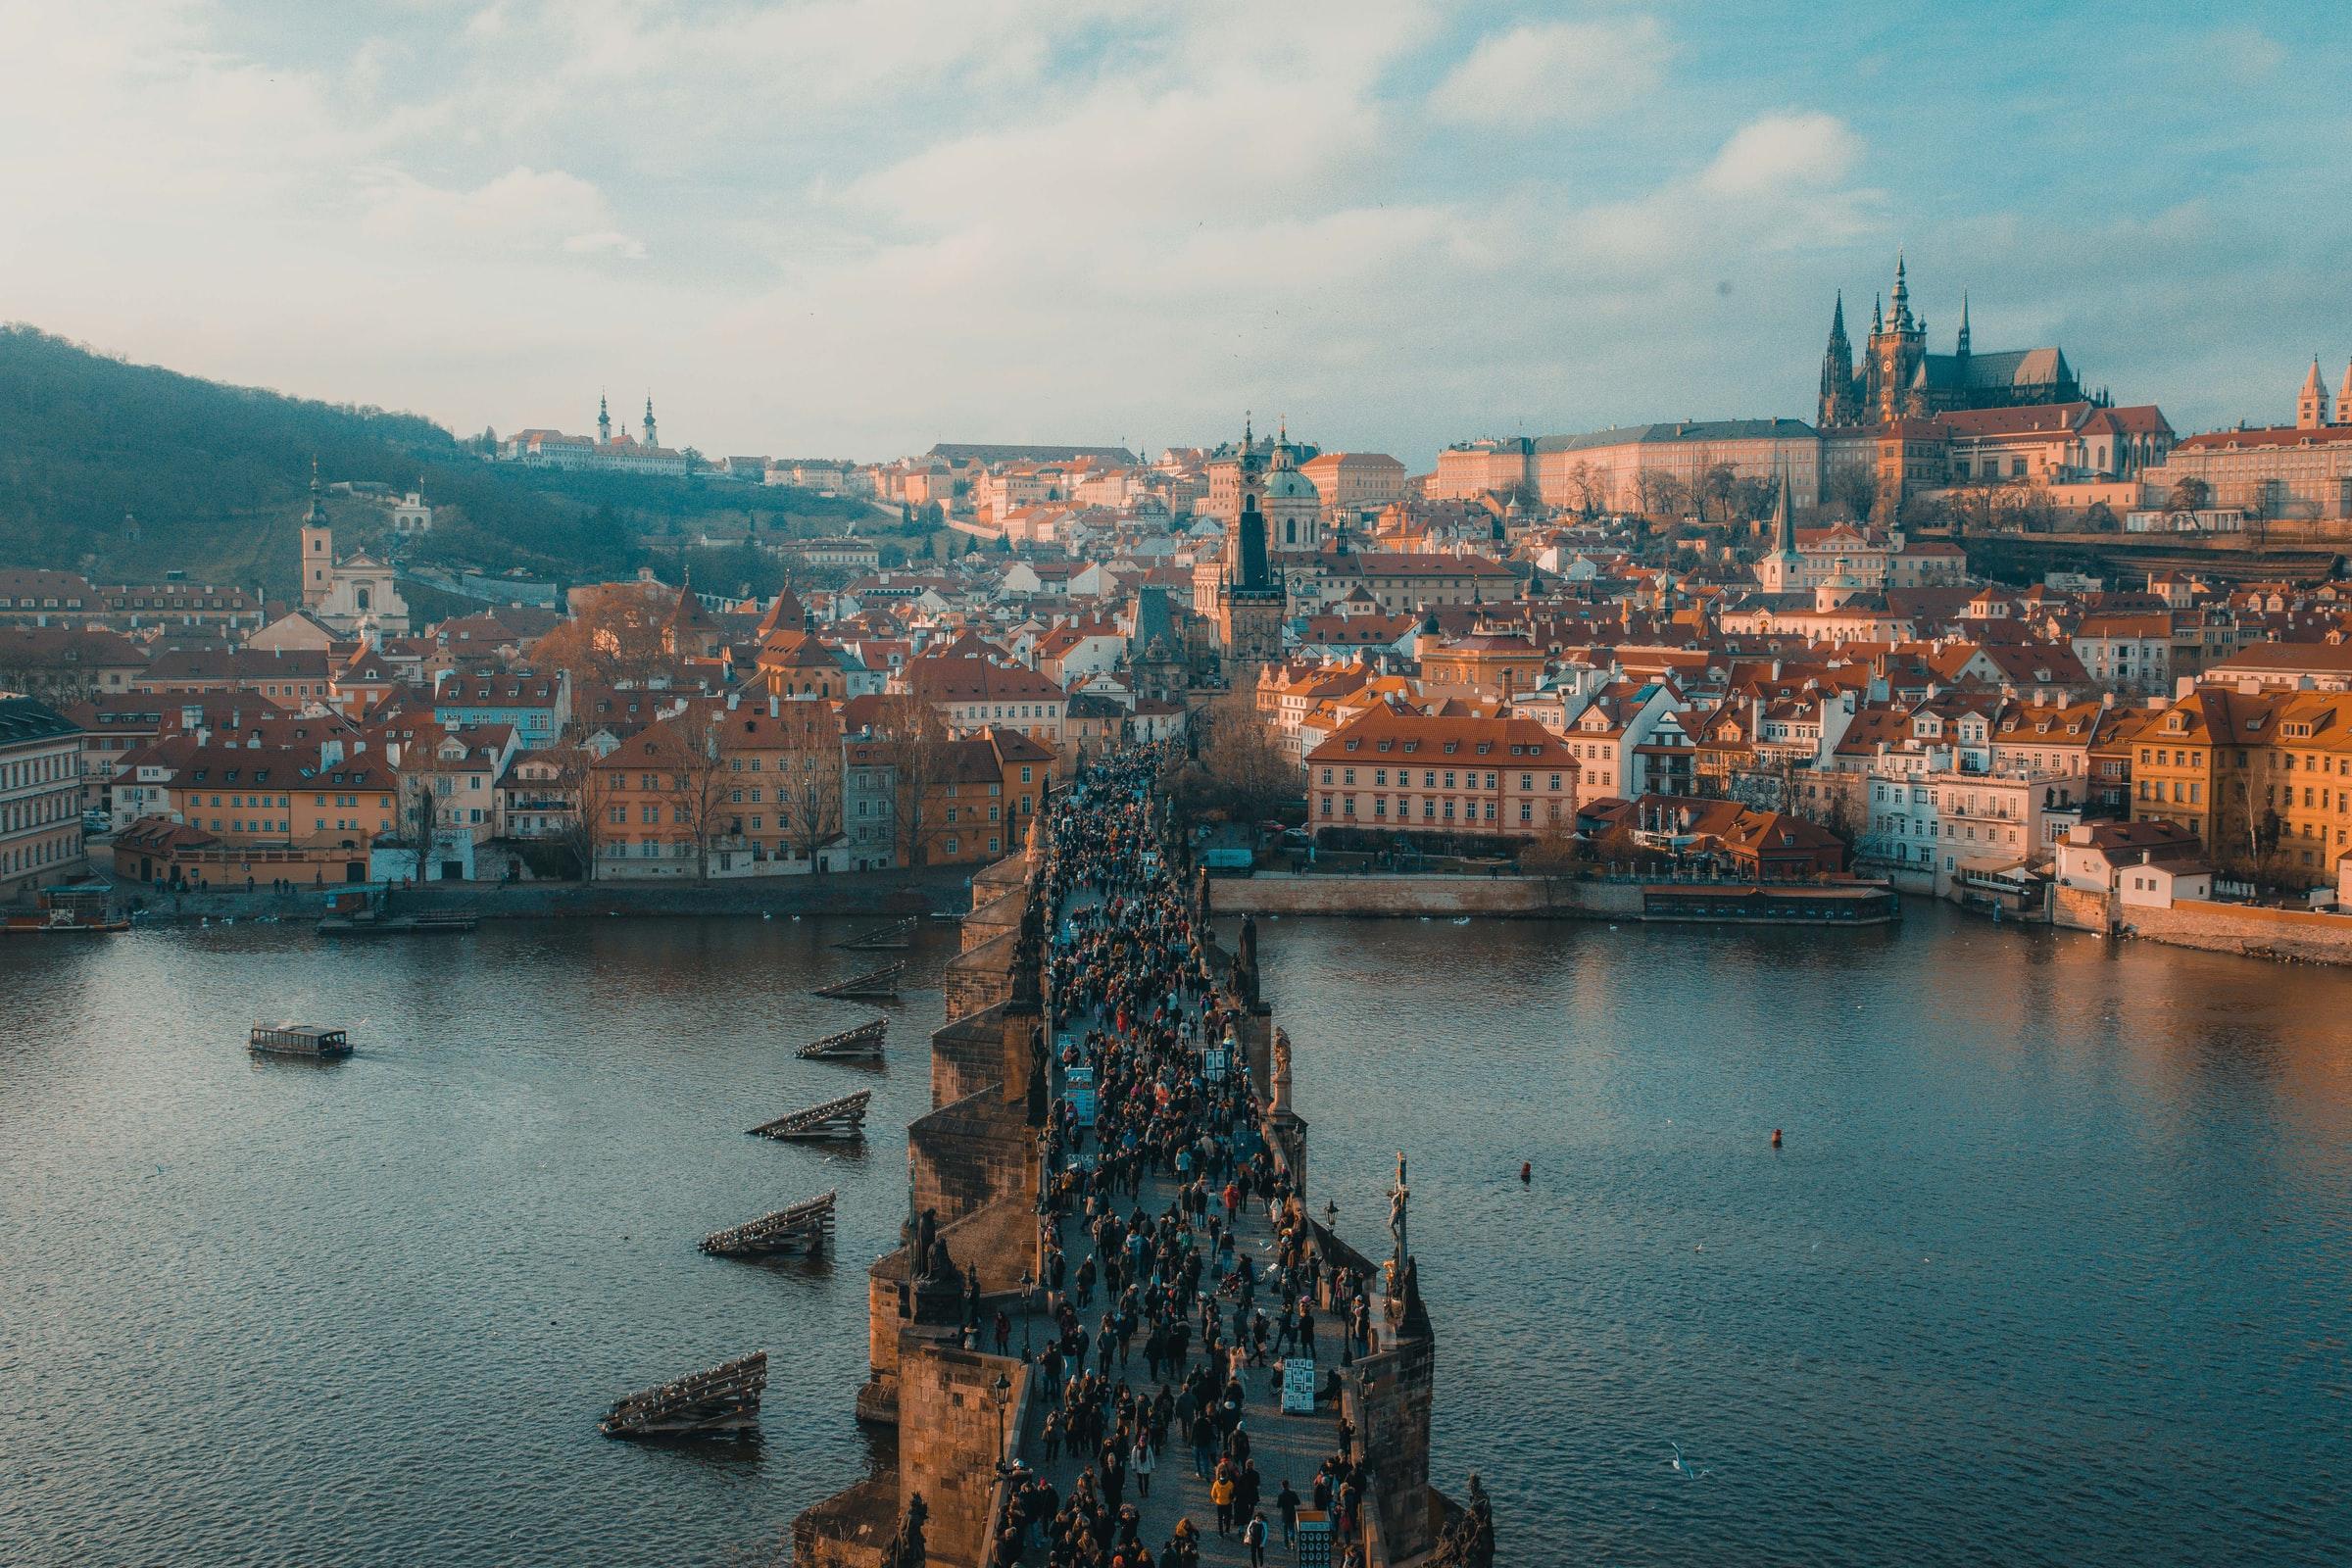 Praag in Tsjechië behoort absoluut tot de mooiste steden in Europa